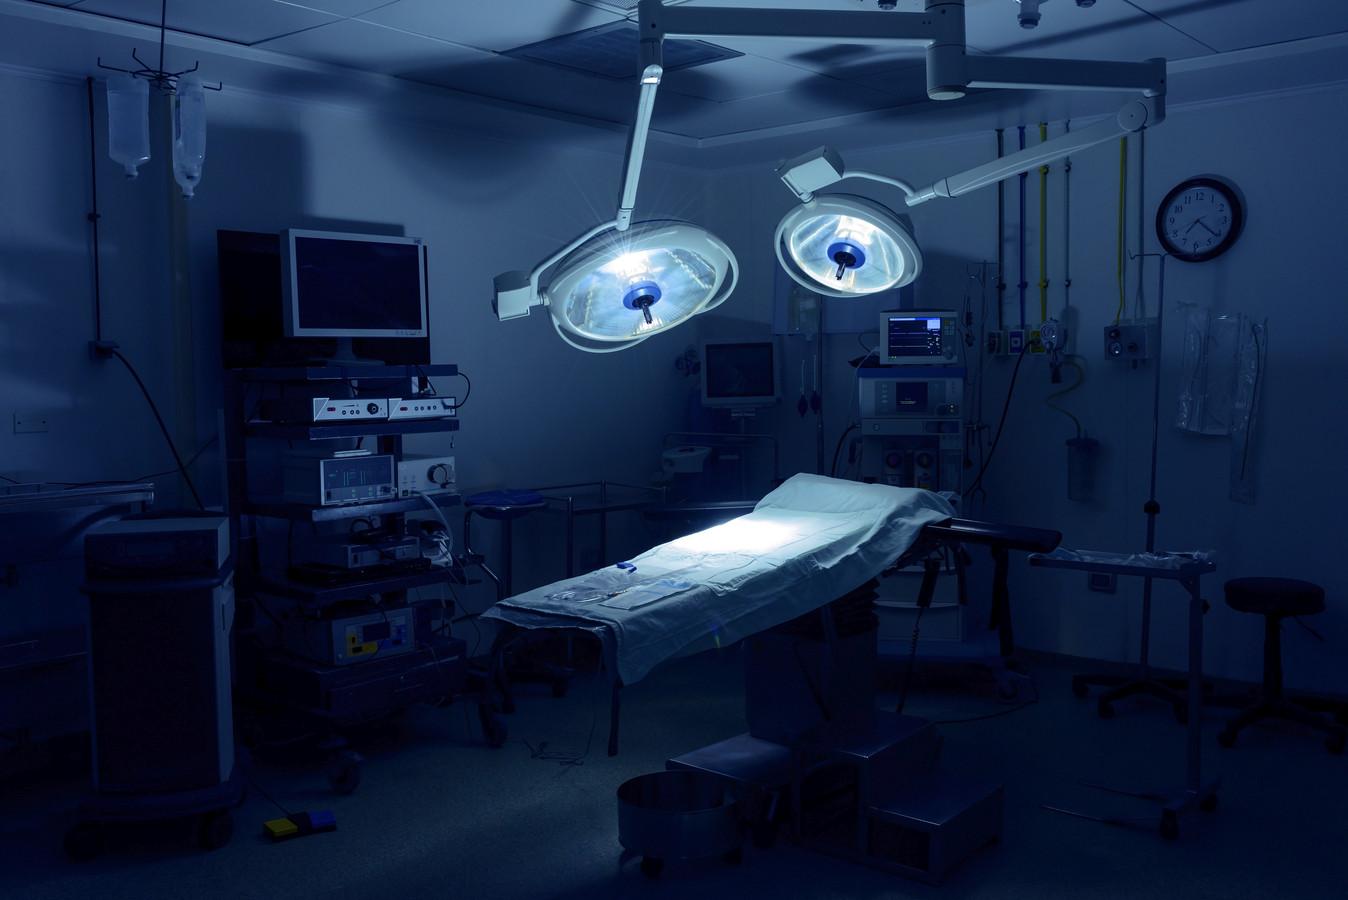 Nu operaties die langer dan zes weken kunnen wachten zijn uitgesteld voor de zorg voor Covid-patiënten hebben specialisten die veel 'snijden', zoals orthopeden, meer tijd voor spreekuren.